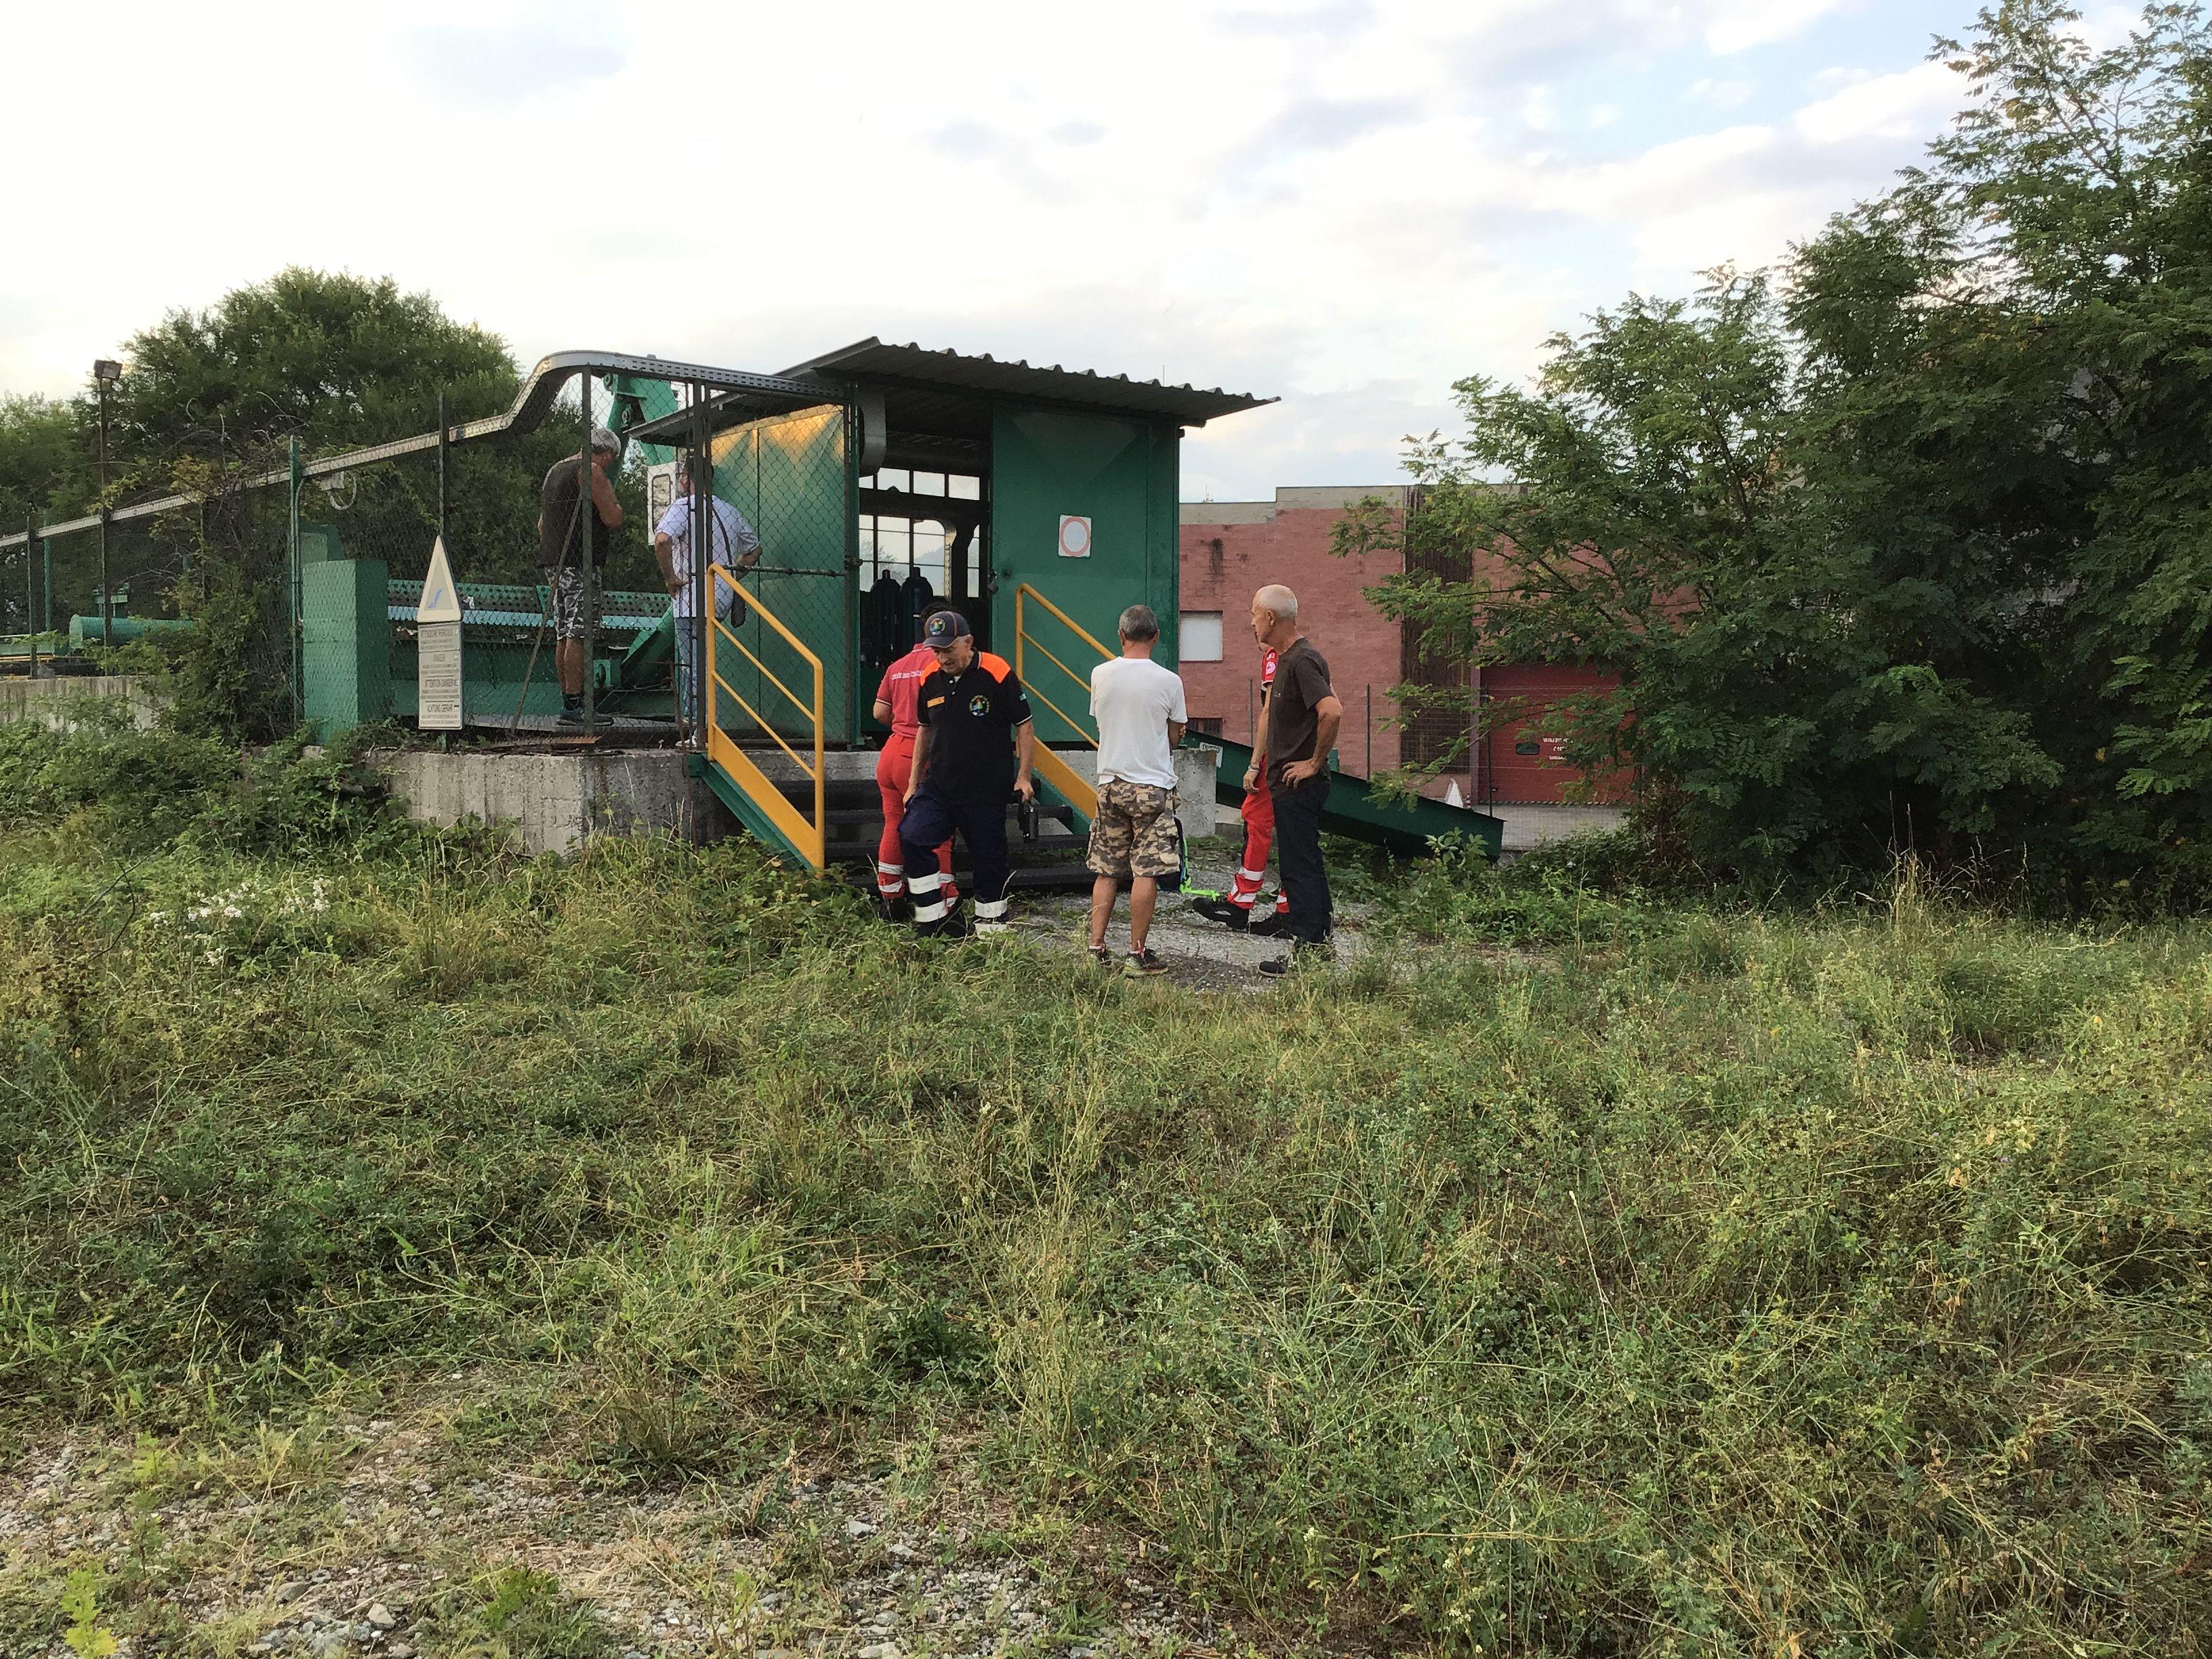 CASTELLAMONTE - Trovato morto nel canale Caluso: era sparito in mattinata da casa - FOTO